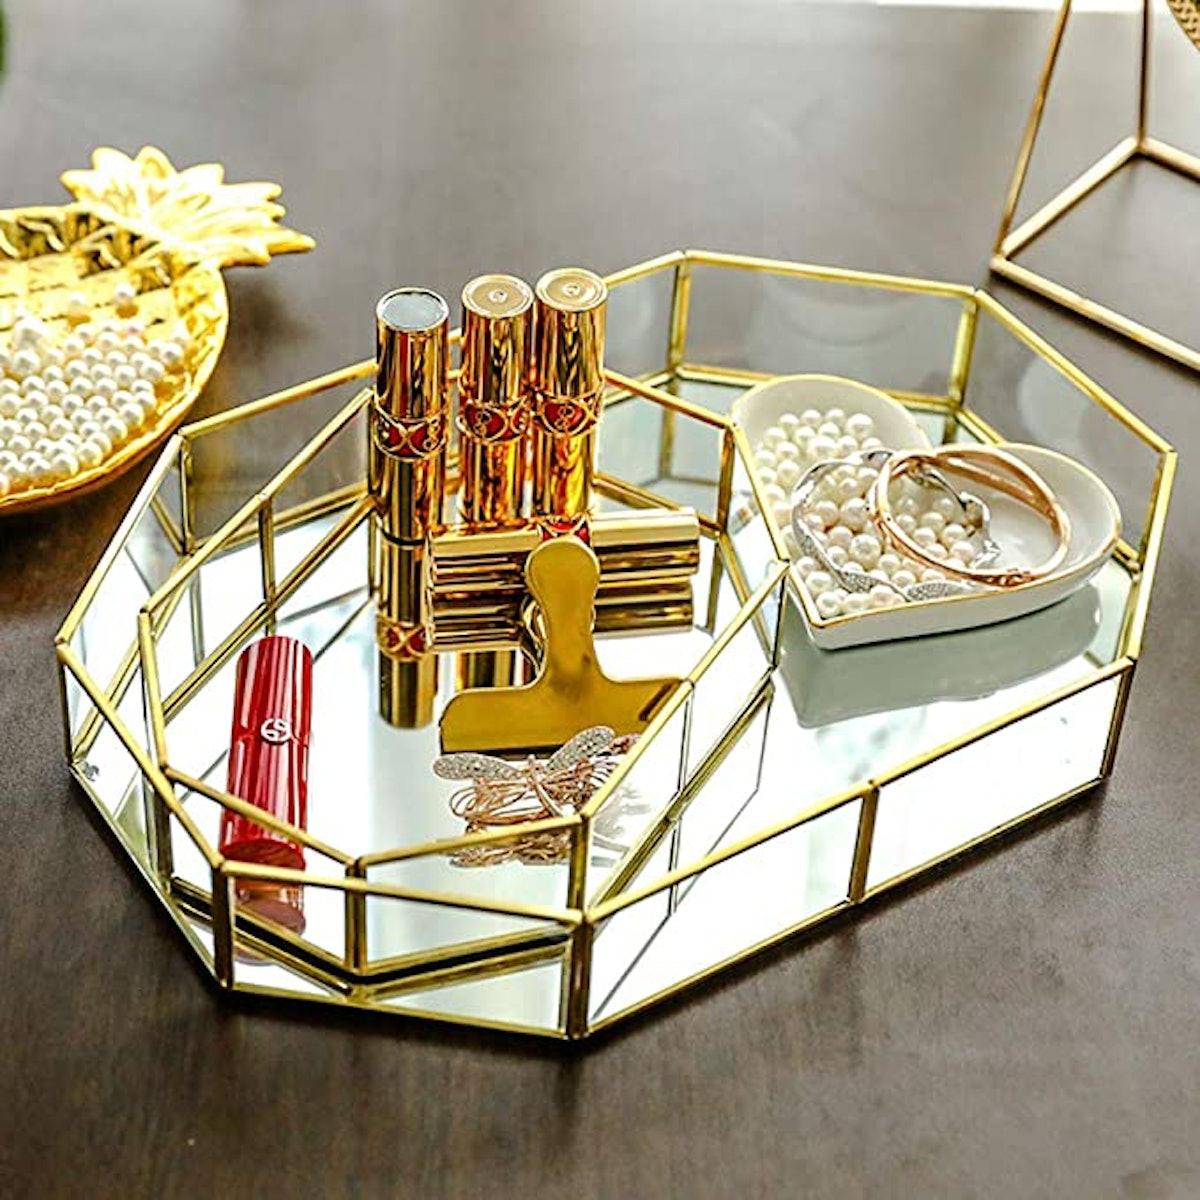 Yokay Mirror Gold Tray